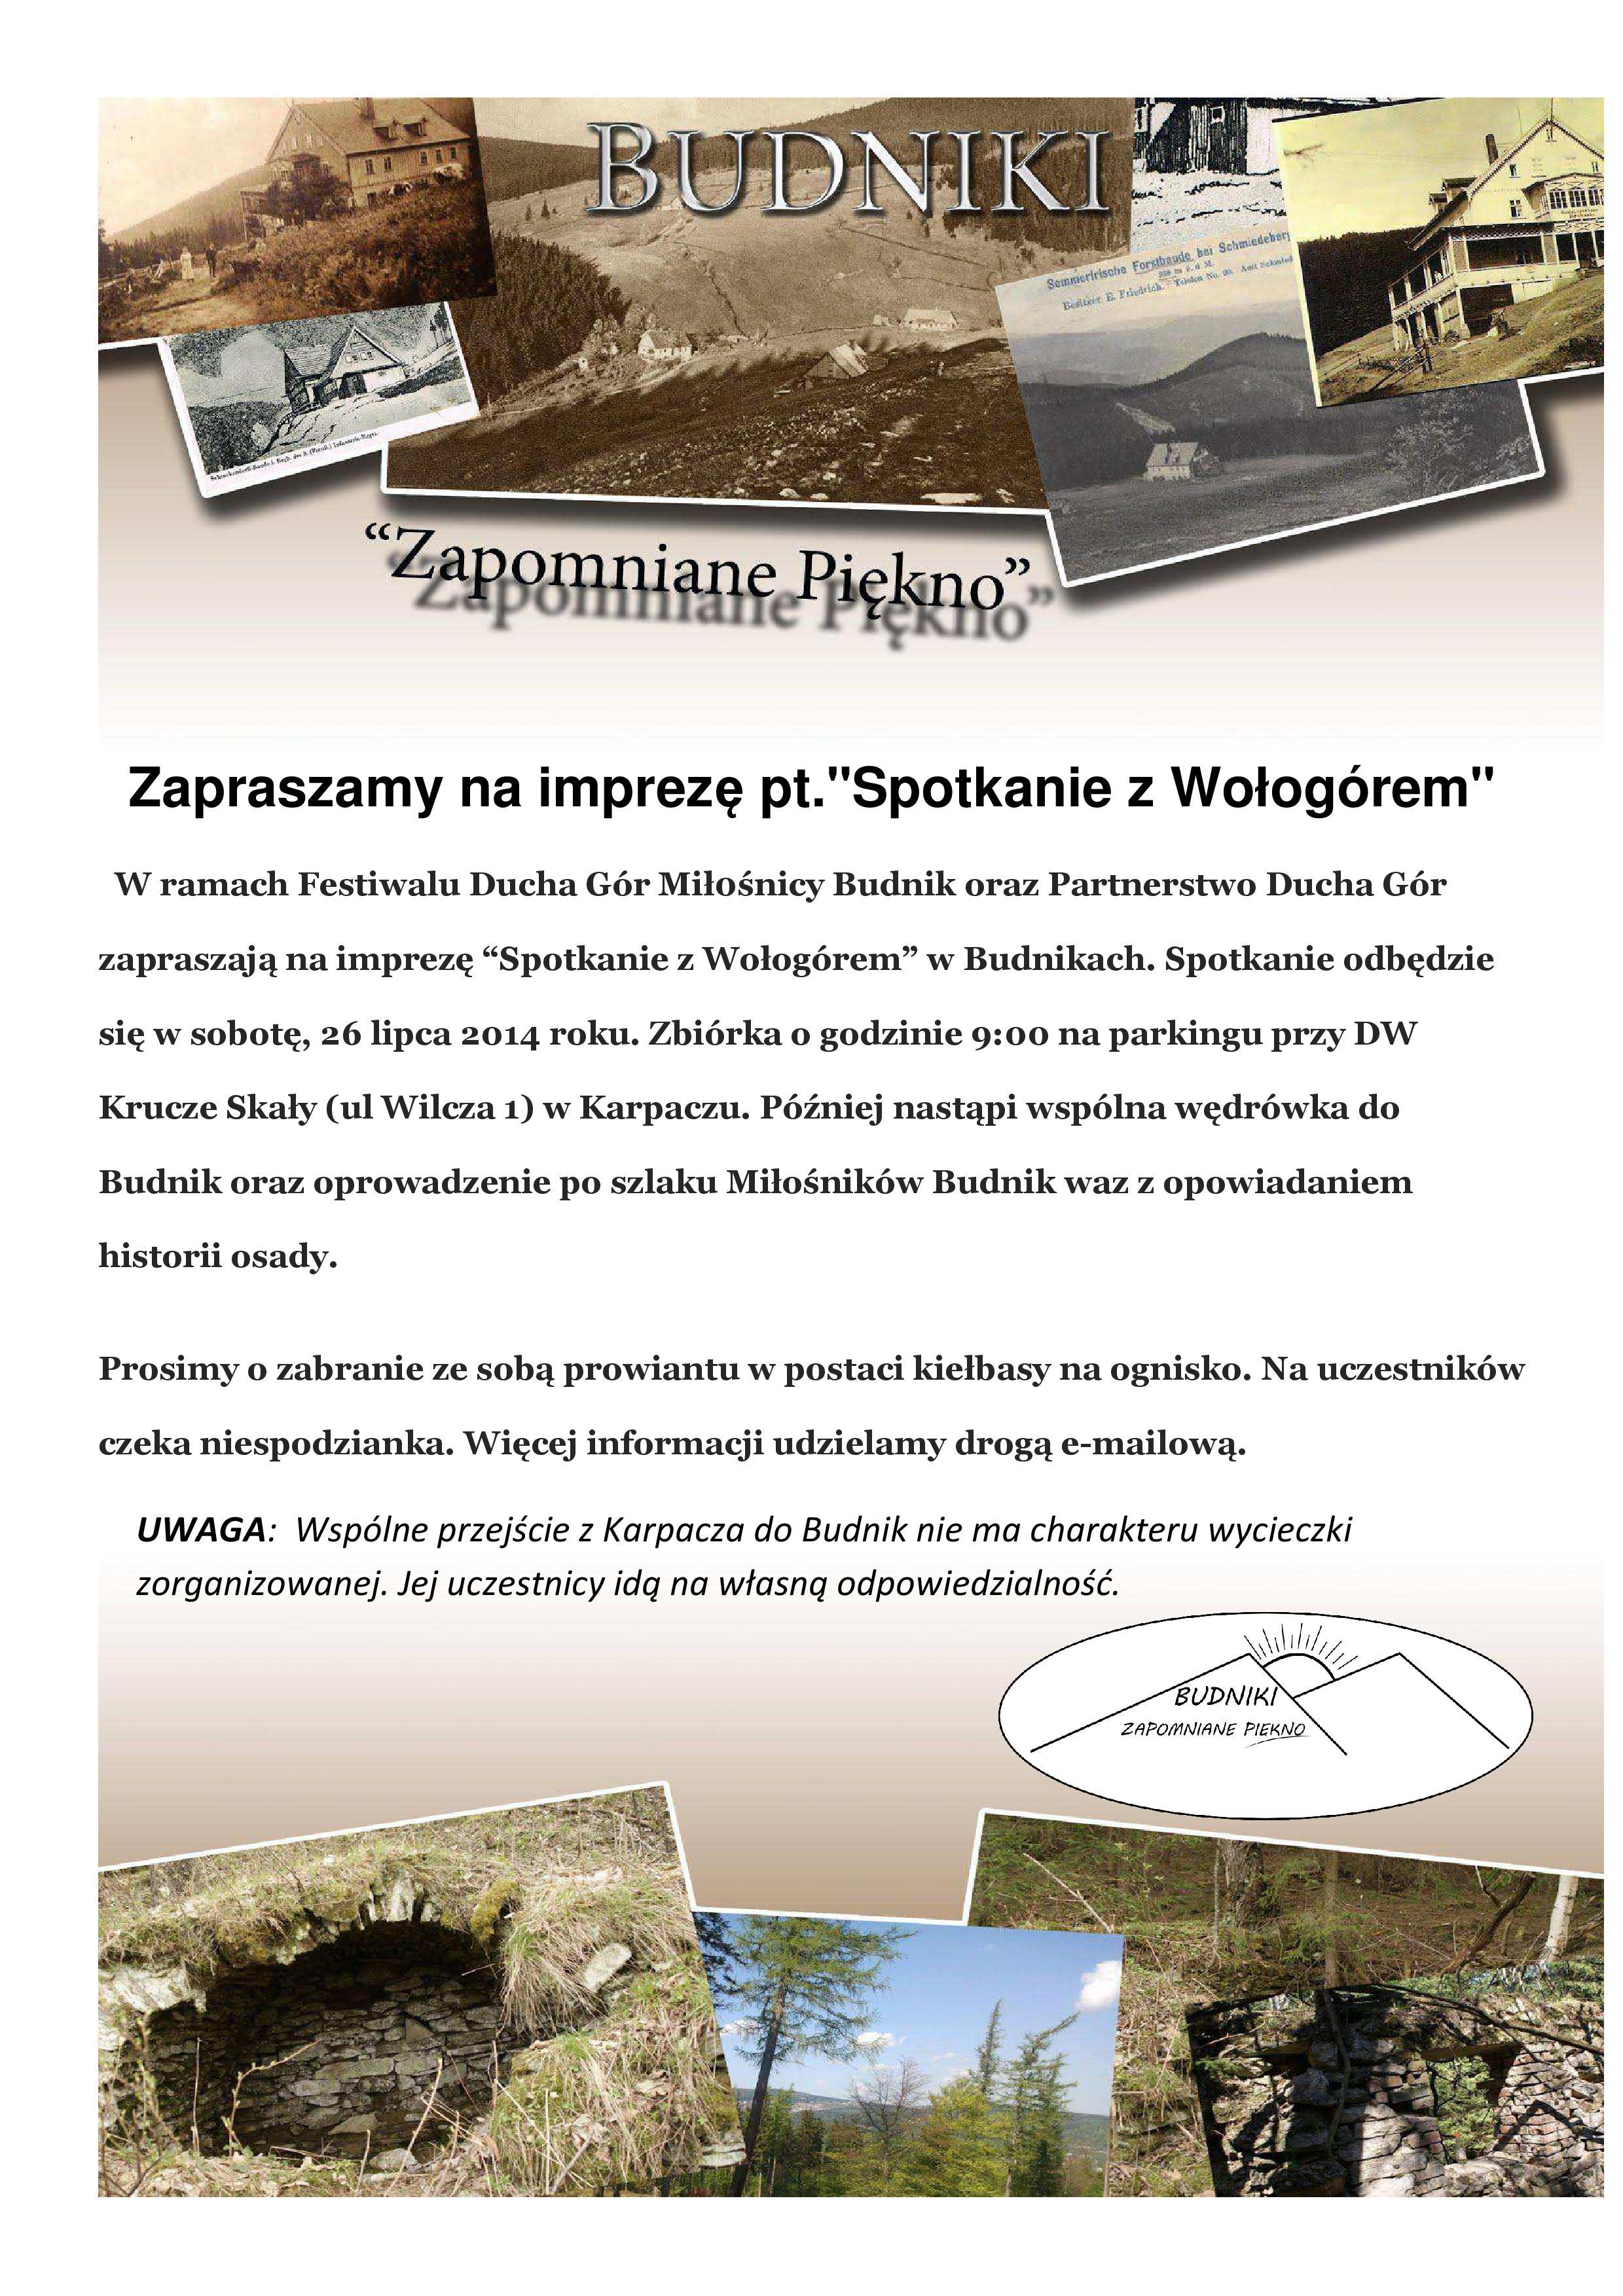 Spotkanie z Wołogórem - Festiwal Ducha Gór 2014